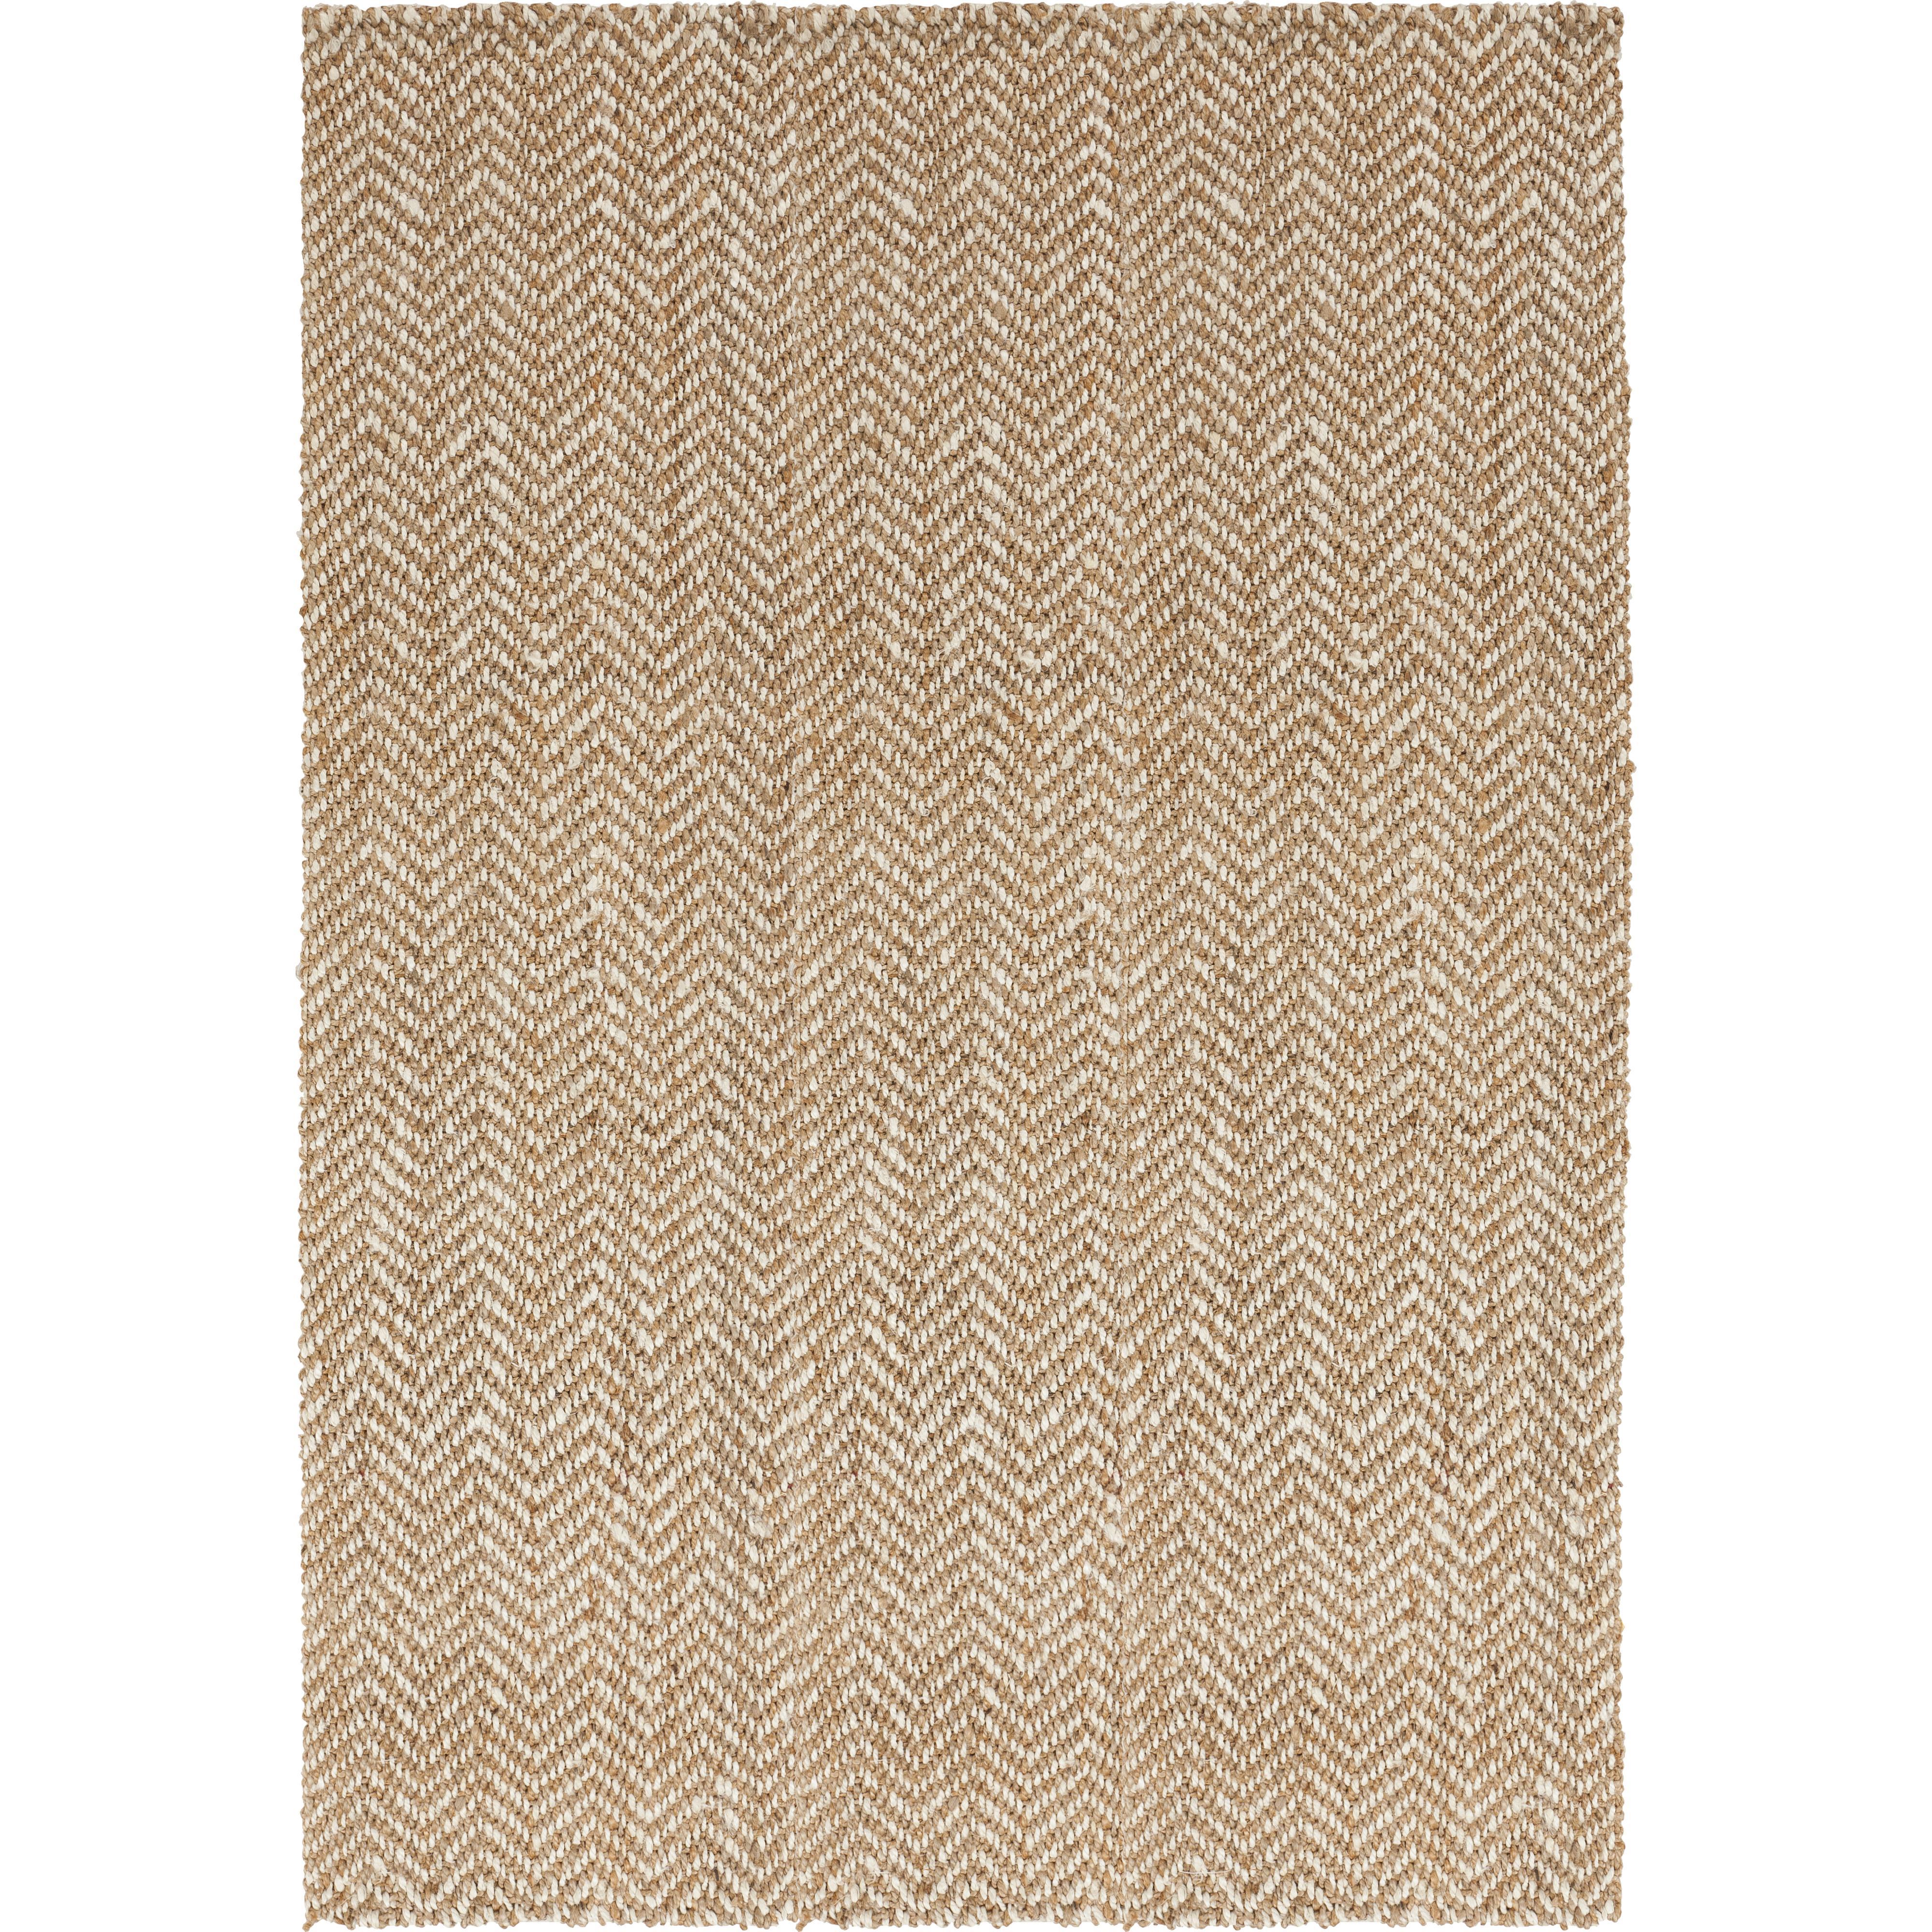 Surya Rugs Reeds 5' x 8' - Item Number: REED804-58